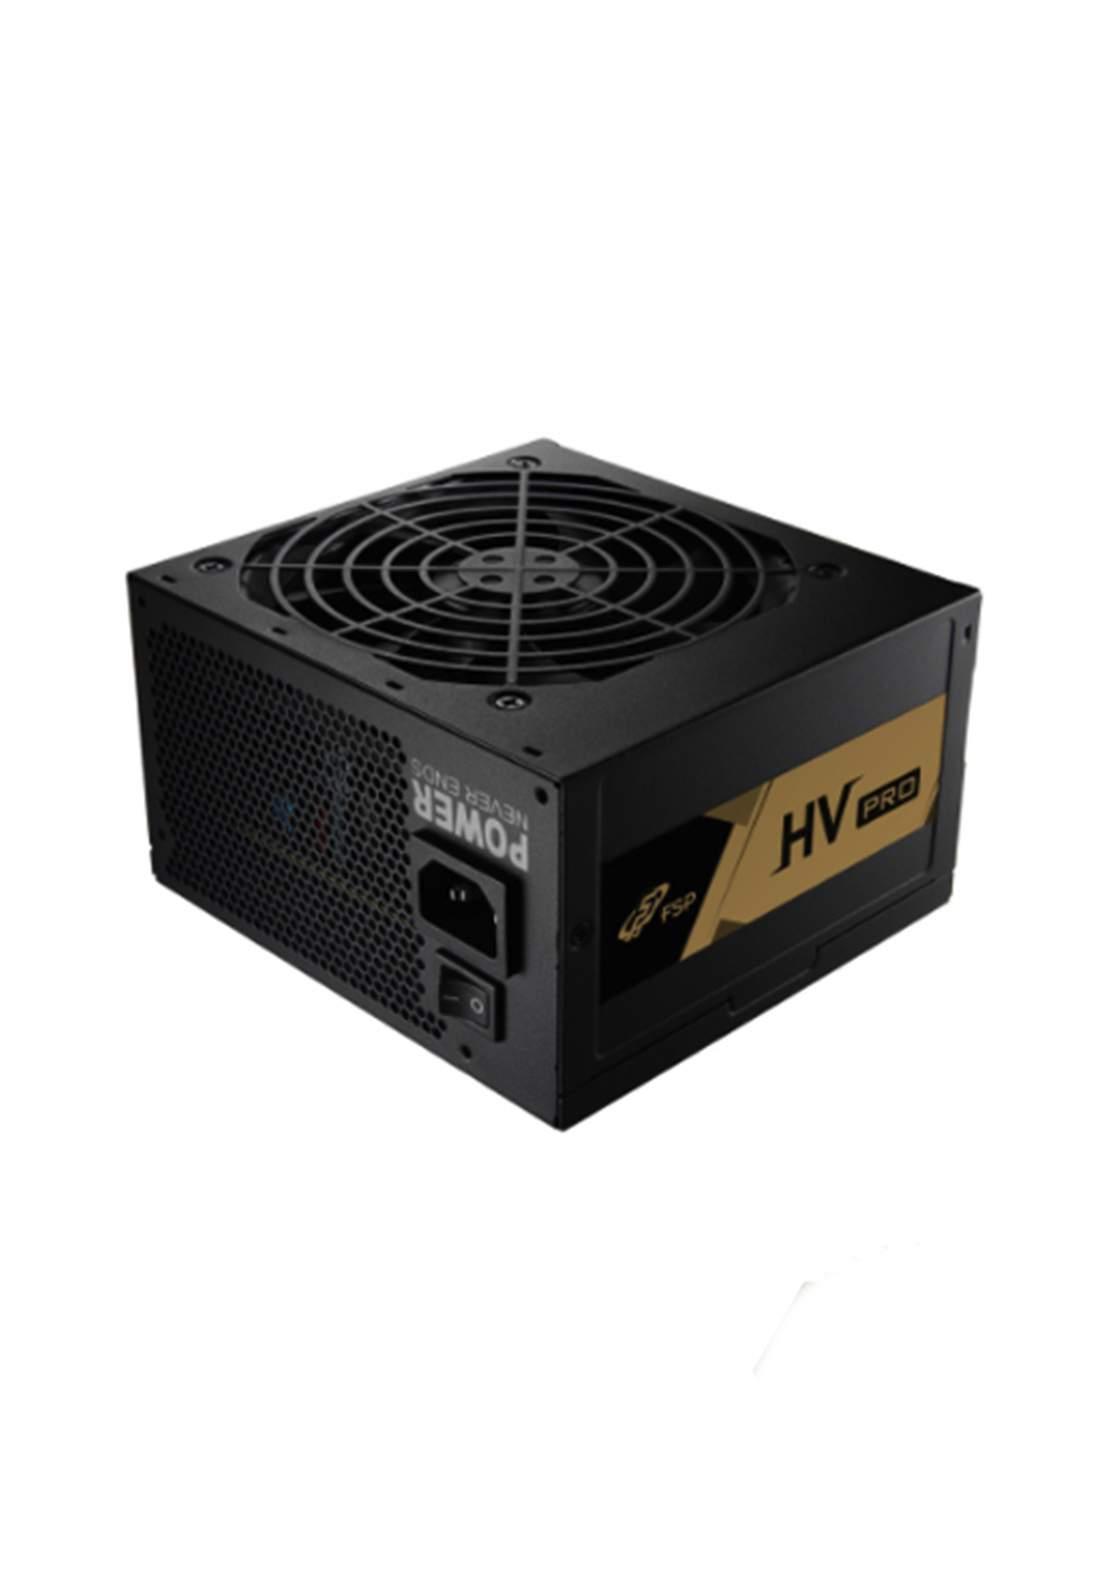 FSP PSU HV Pro 550w Power Supply